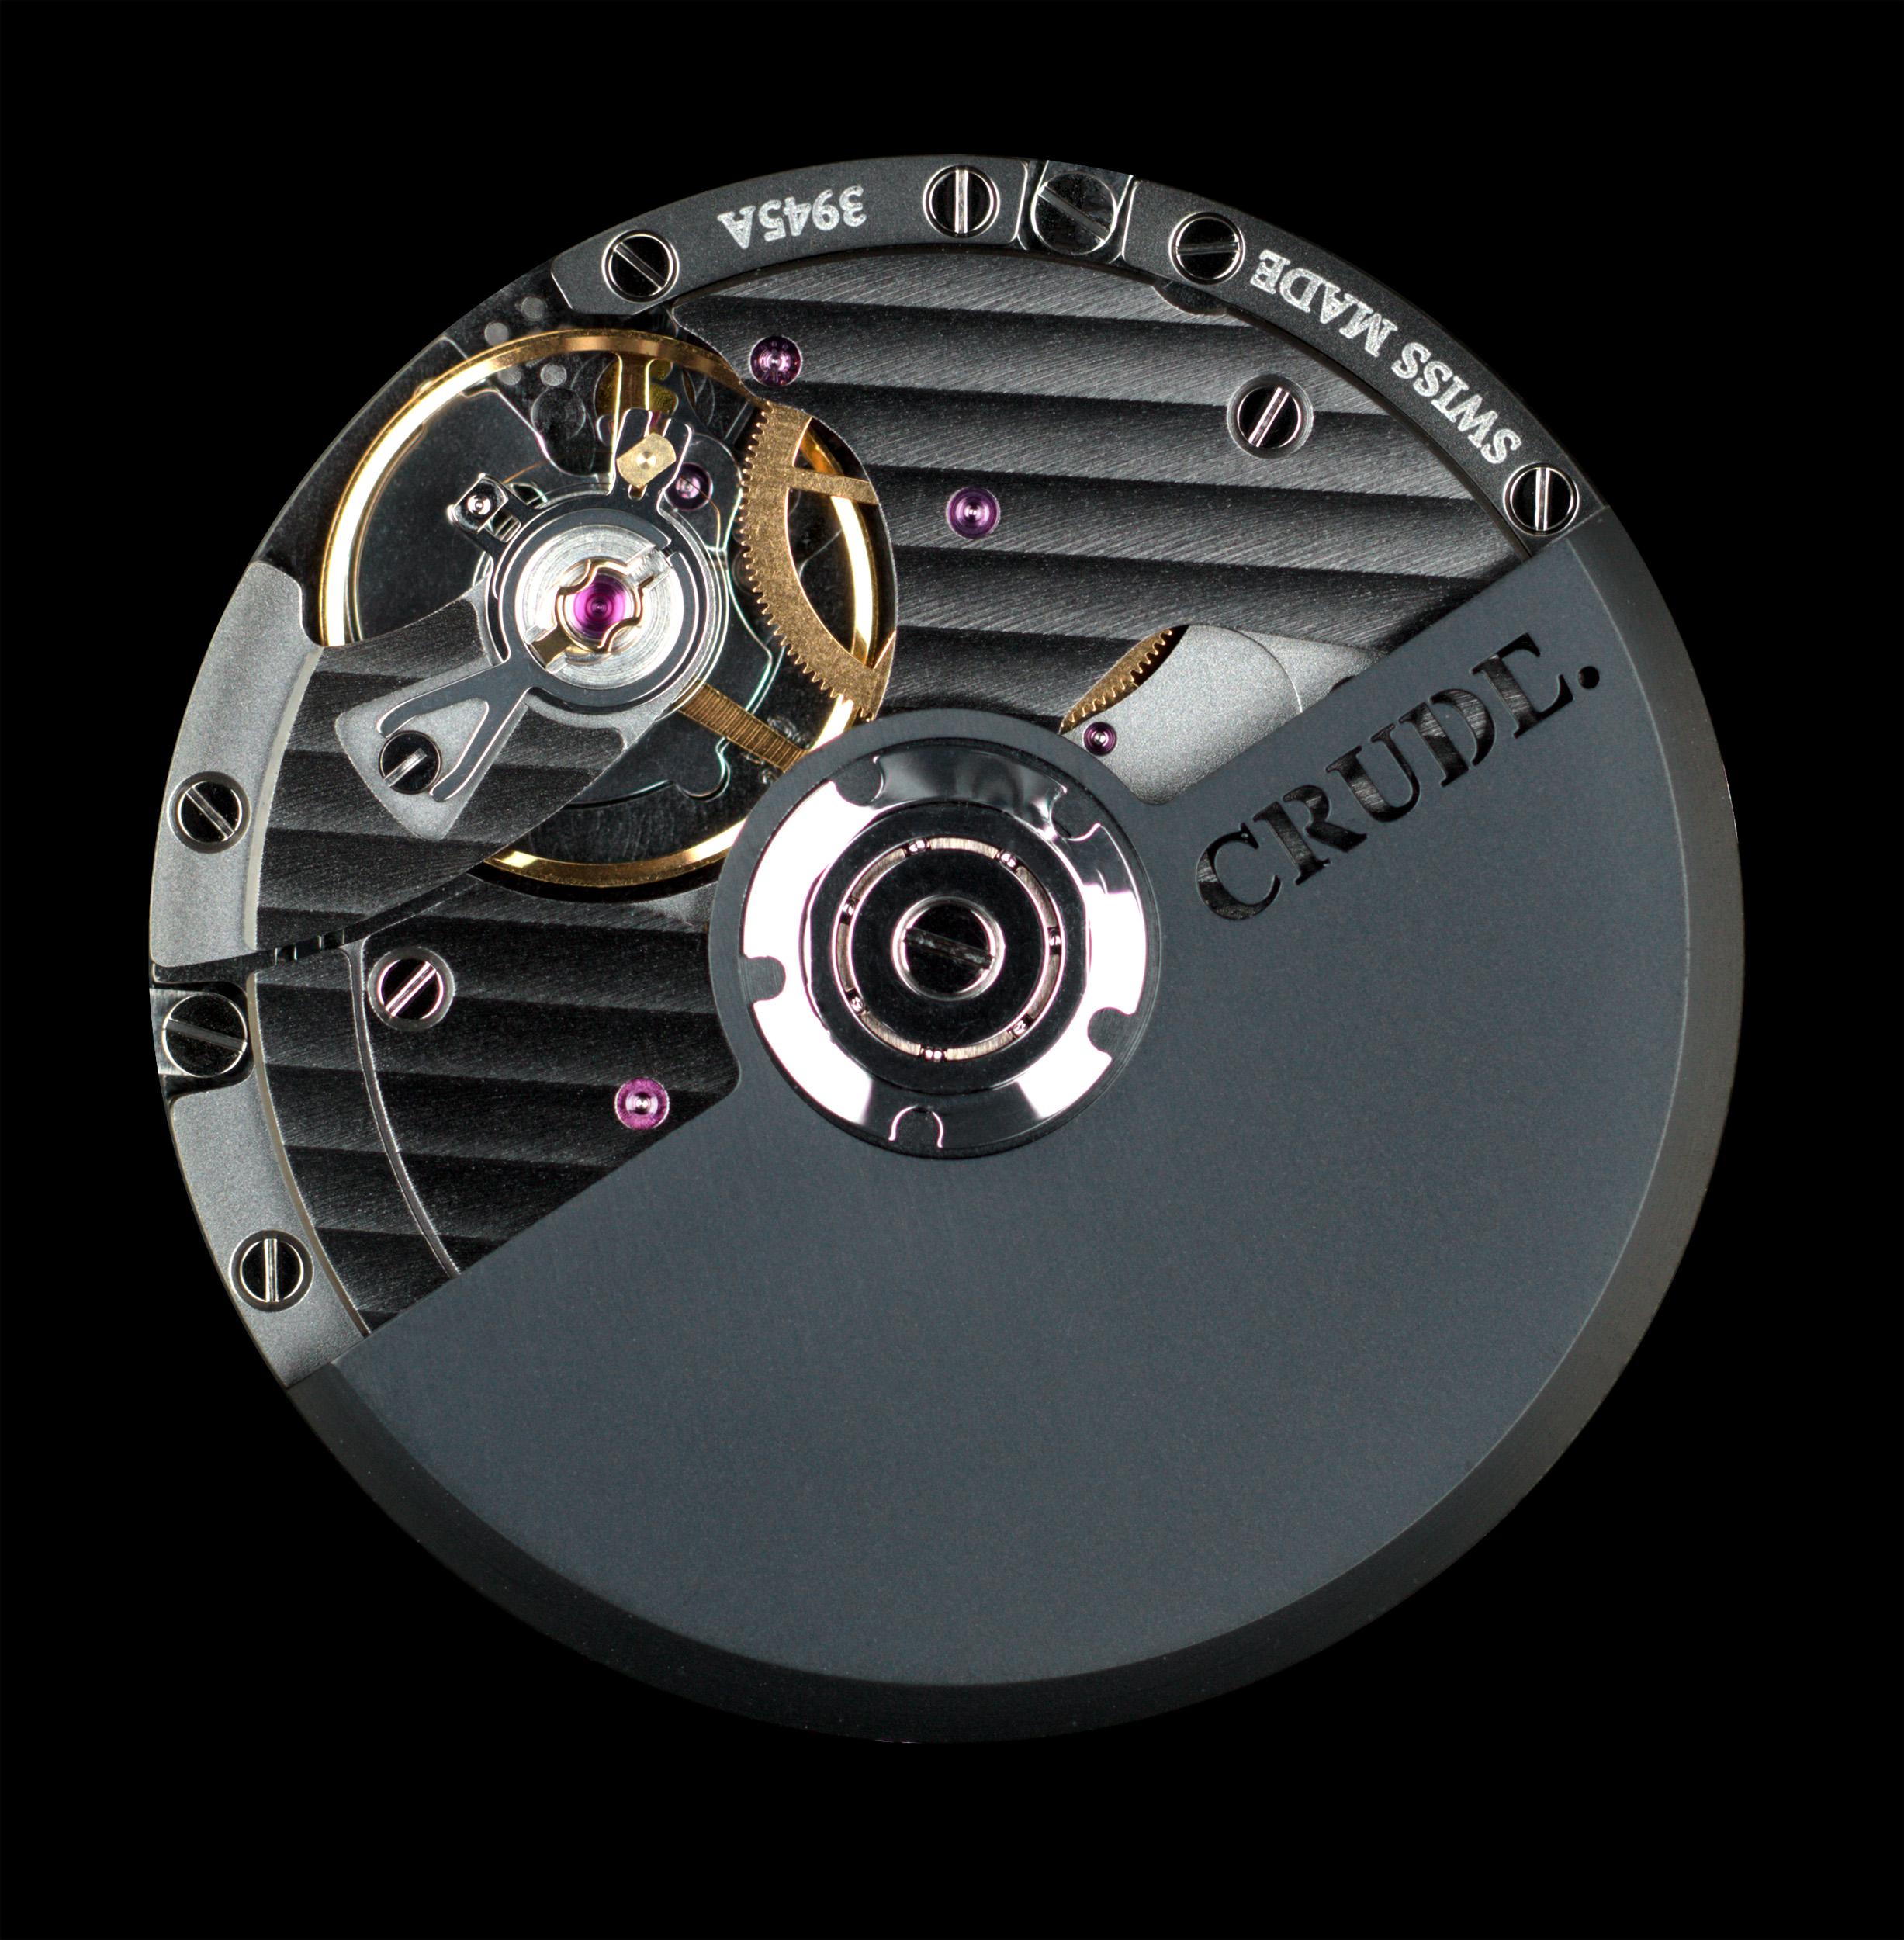 crude-kaliber-dlc-rotor